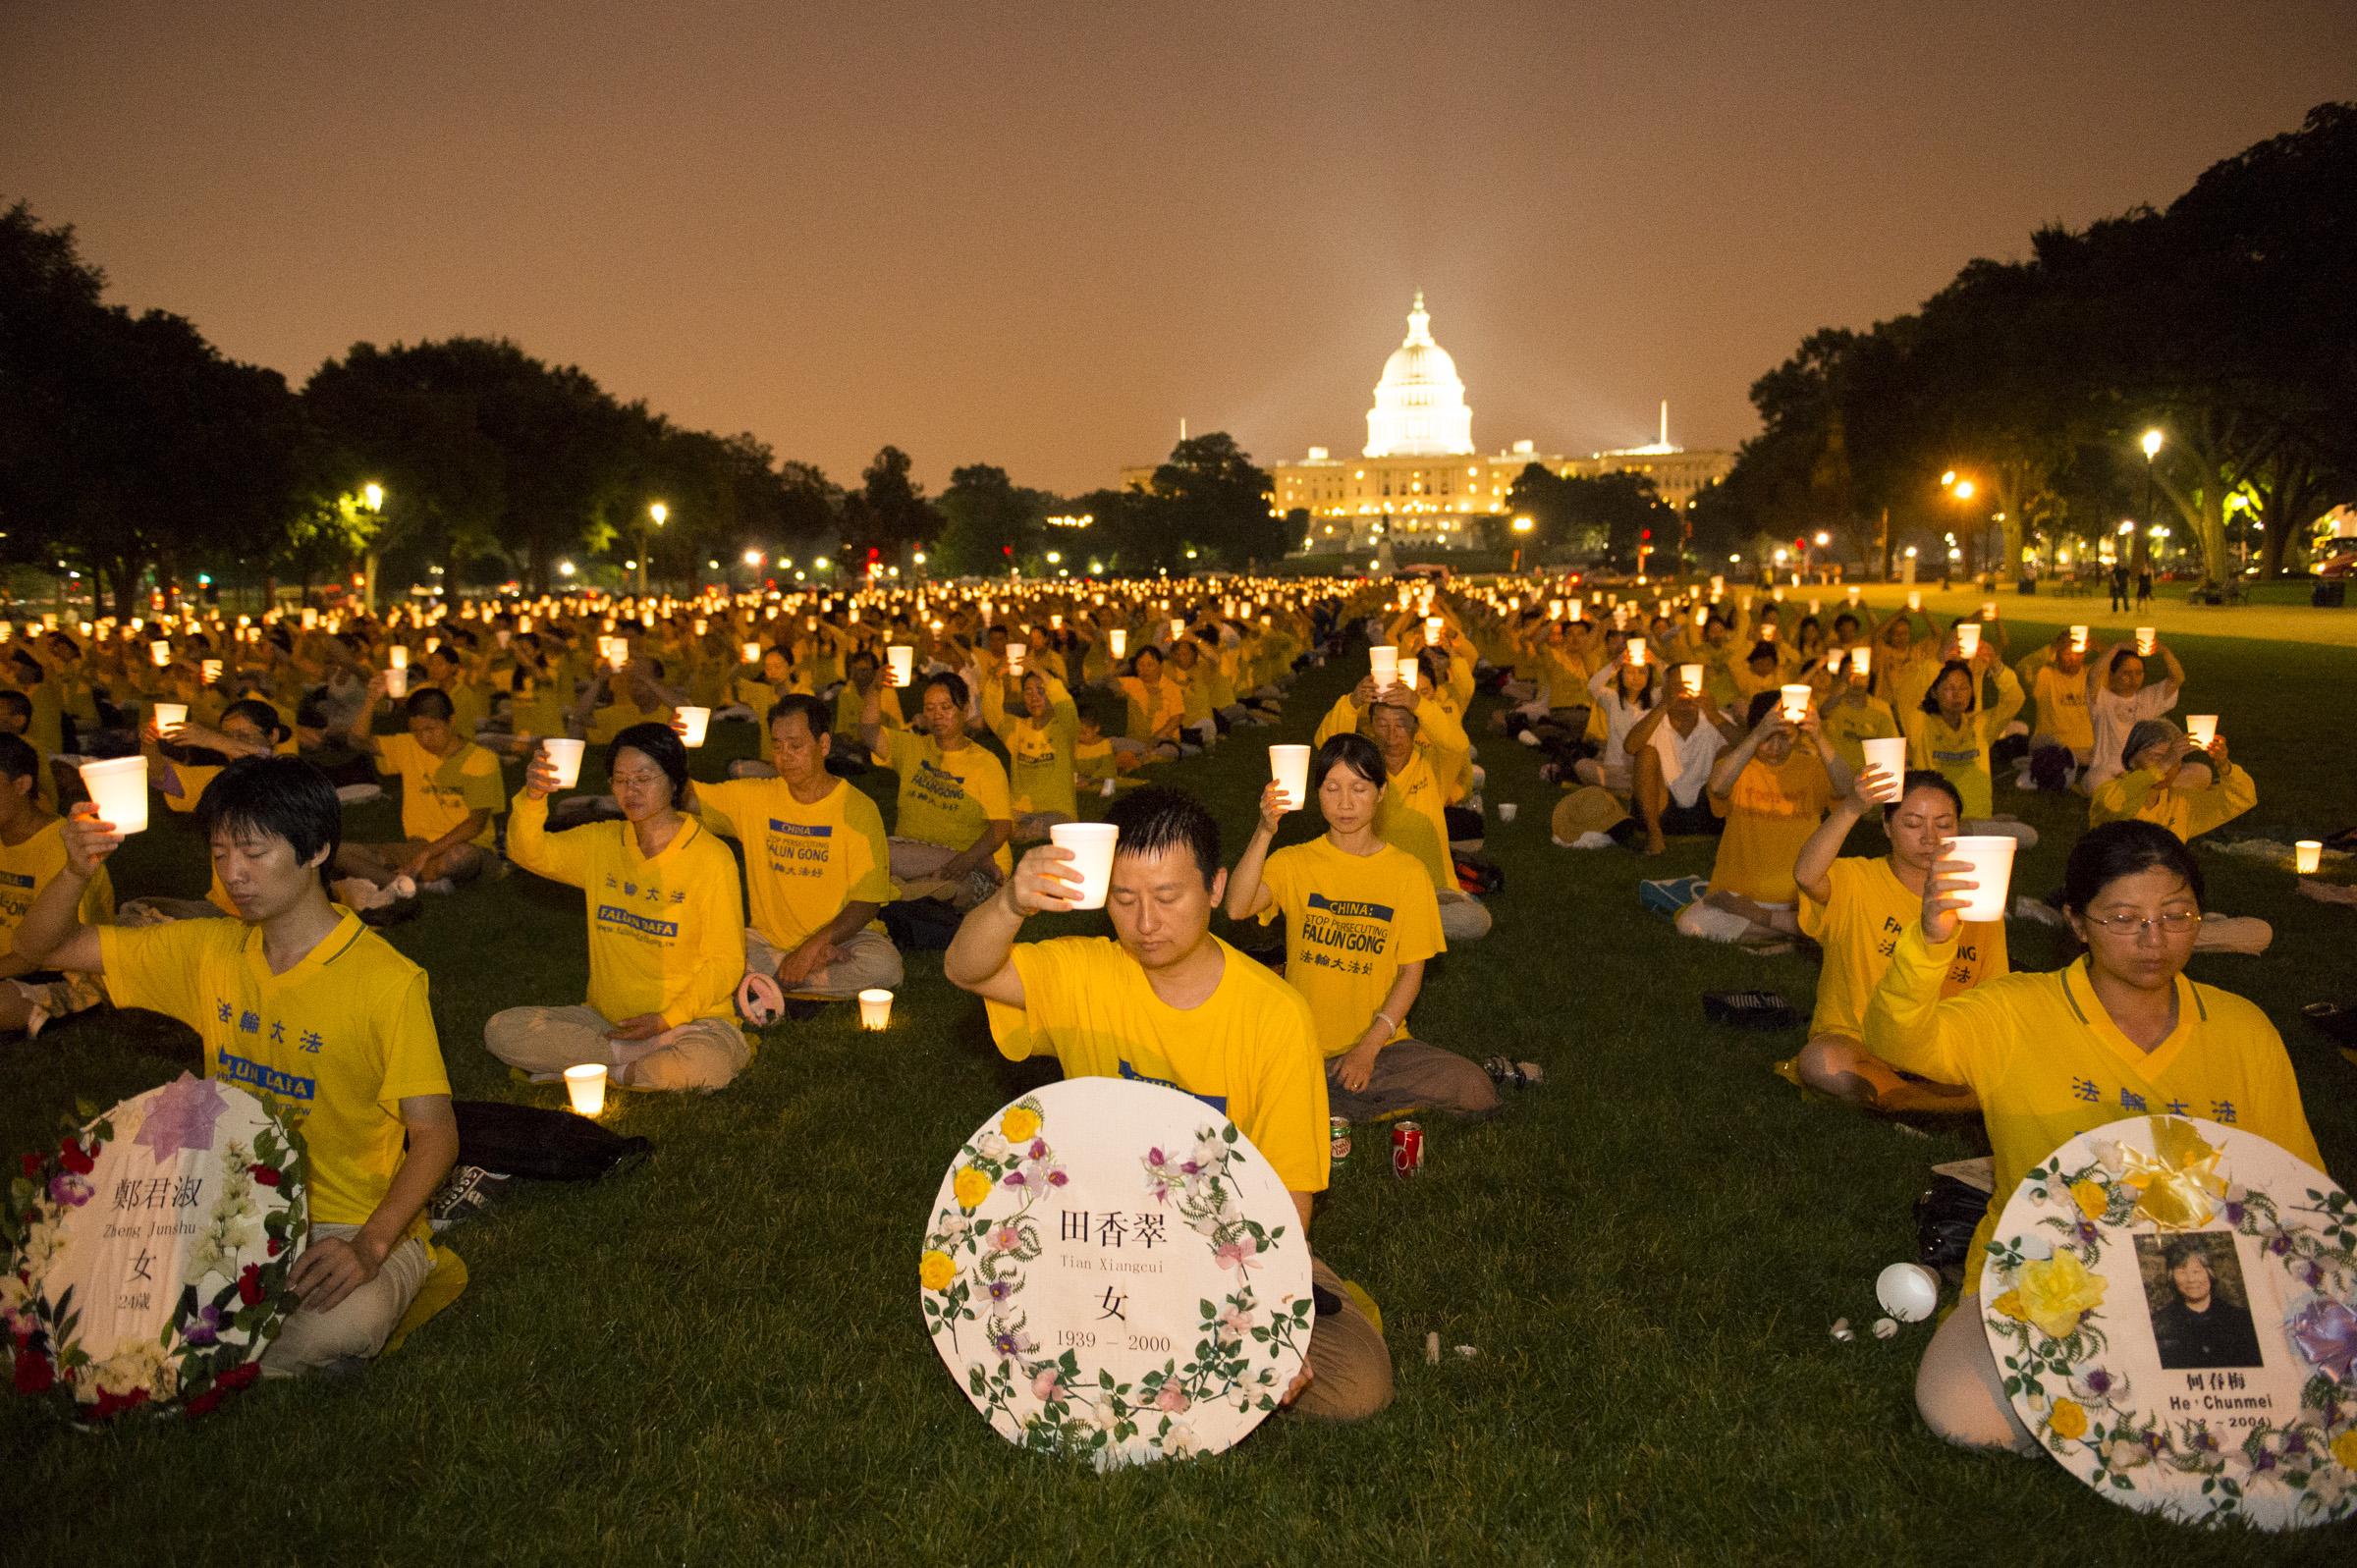 Washington D.C: Thắp nến tưởng niệm những người đã thiệt mạng ...